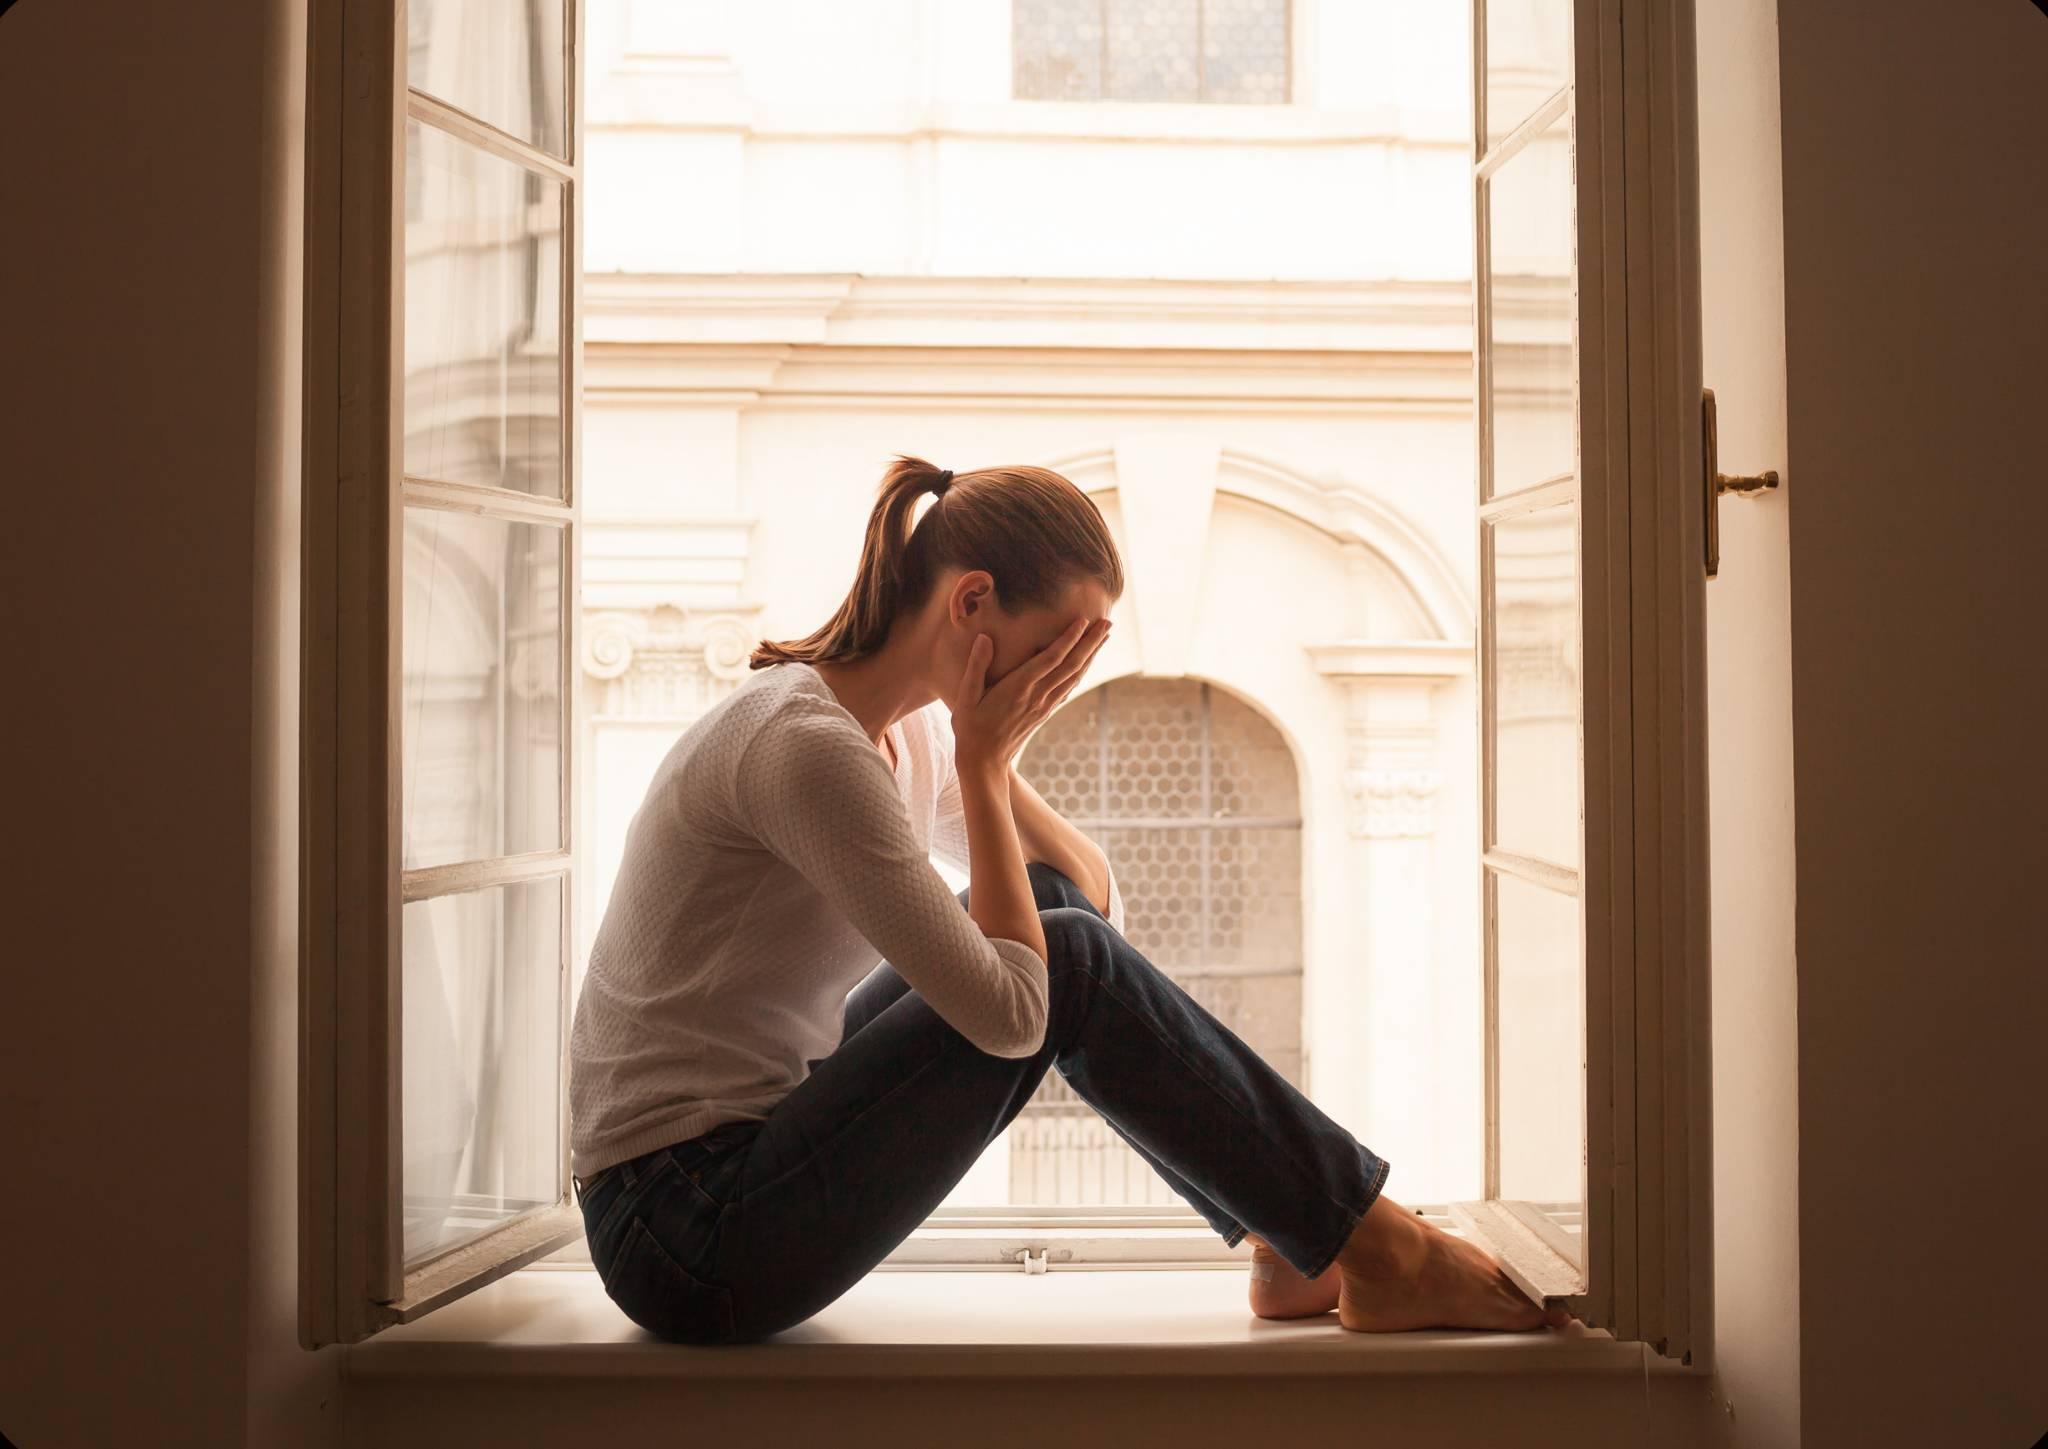 Czym jest EMDR i jak pomoże uwolnić się od traumy?